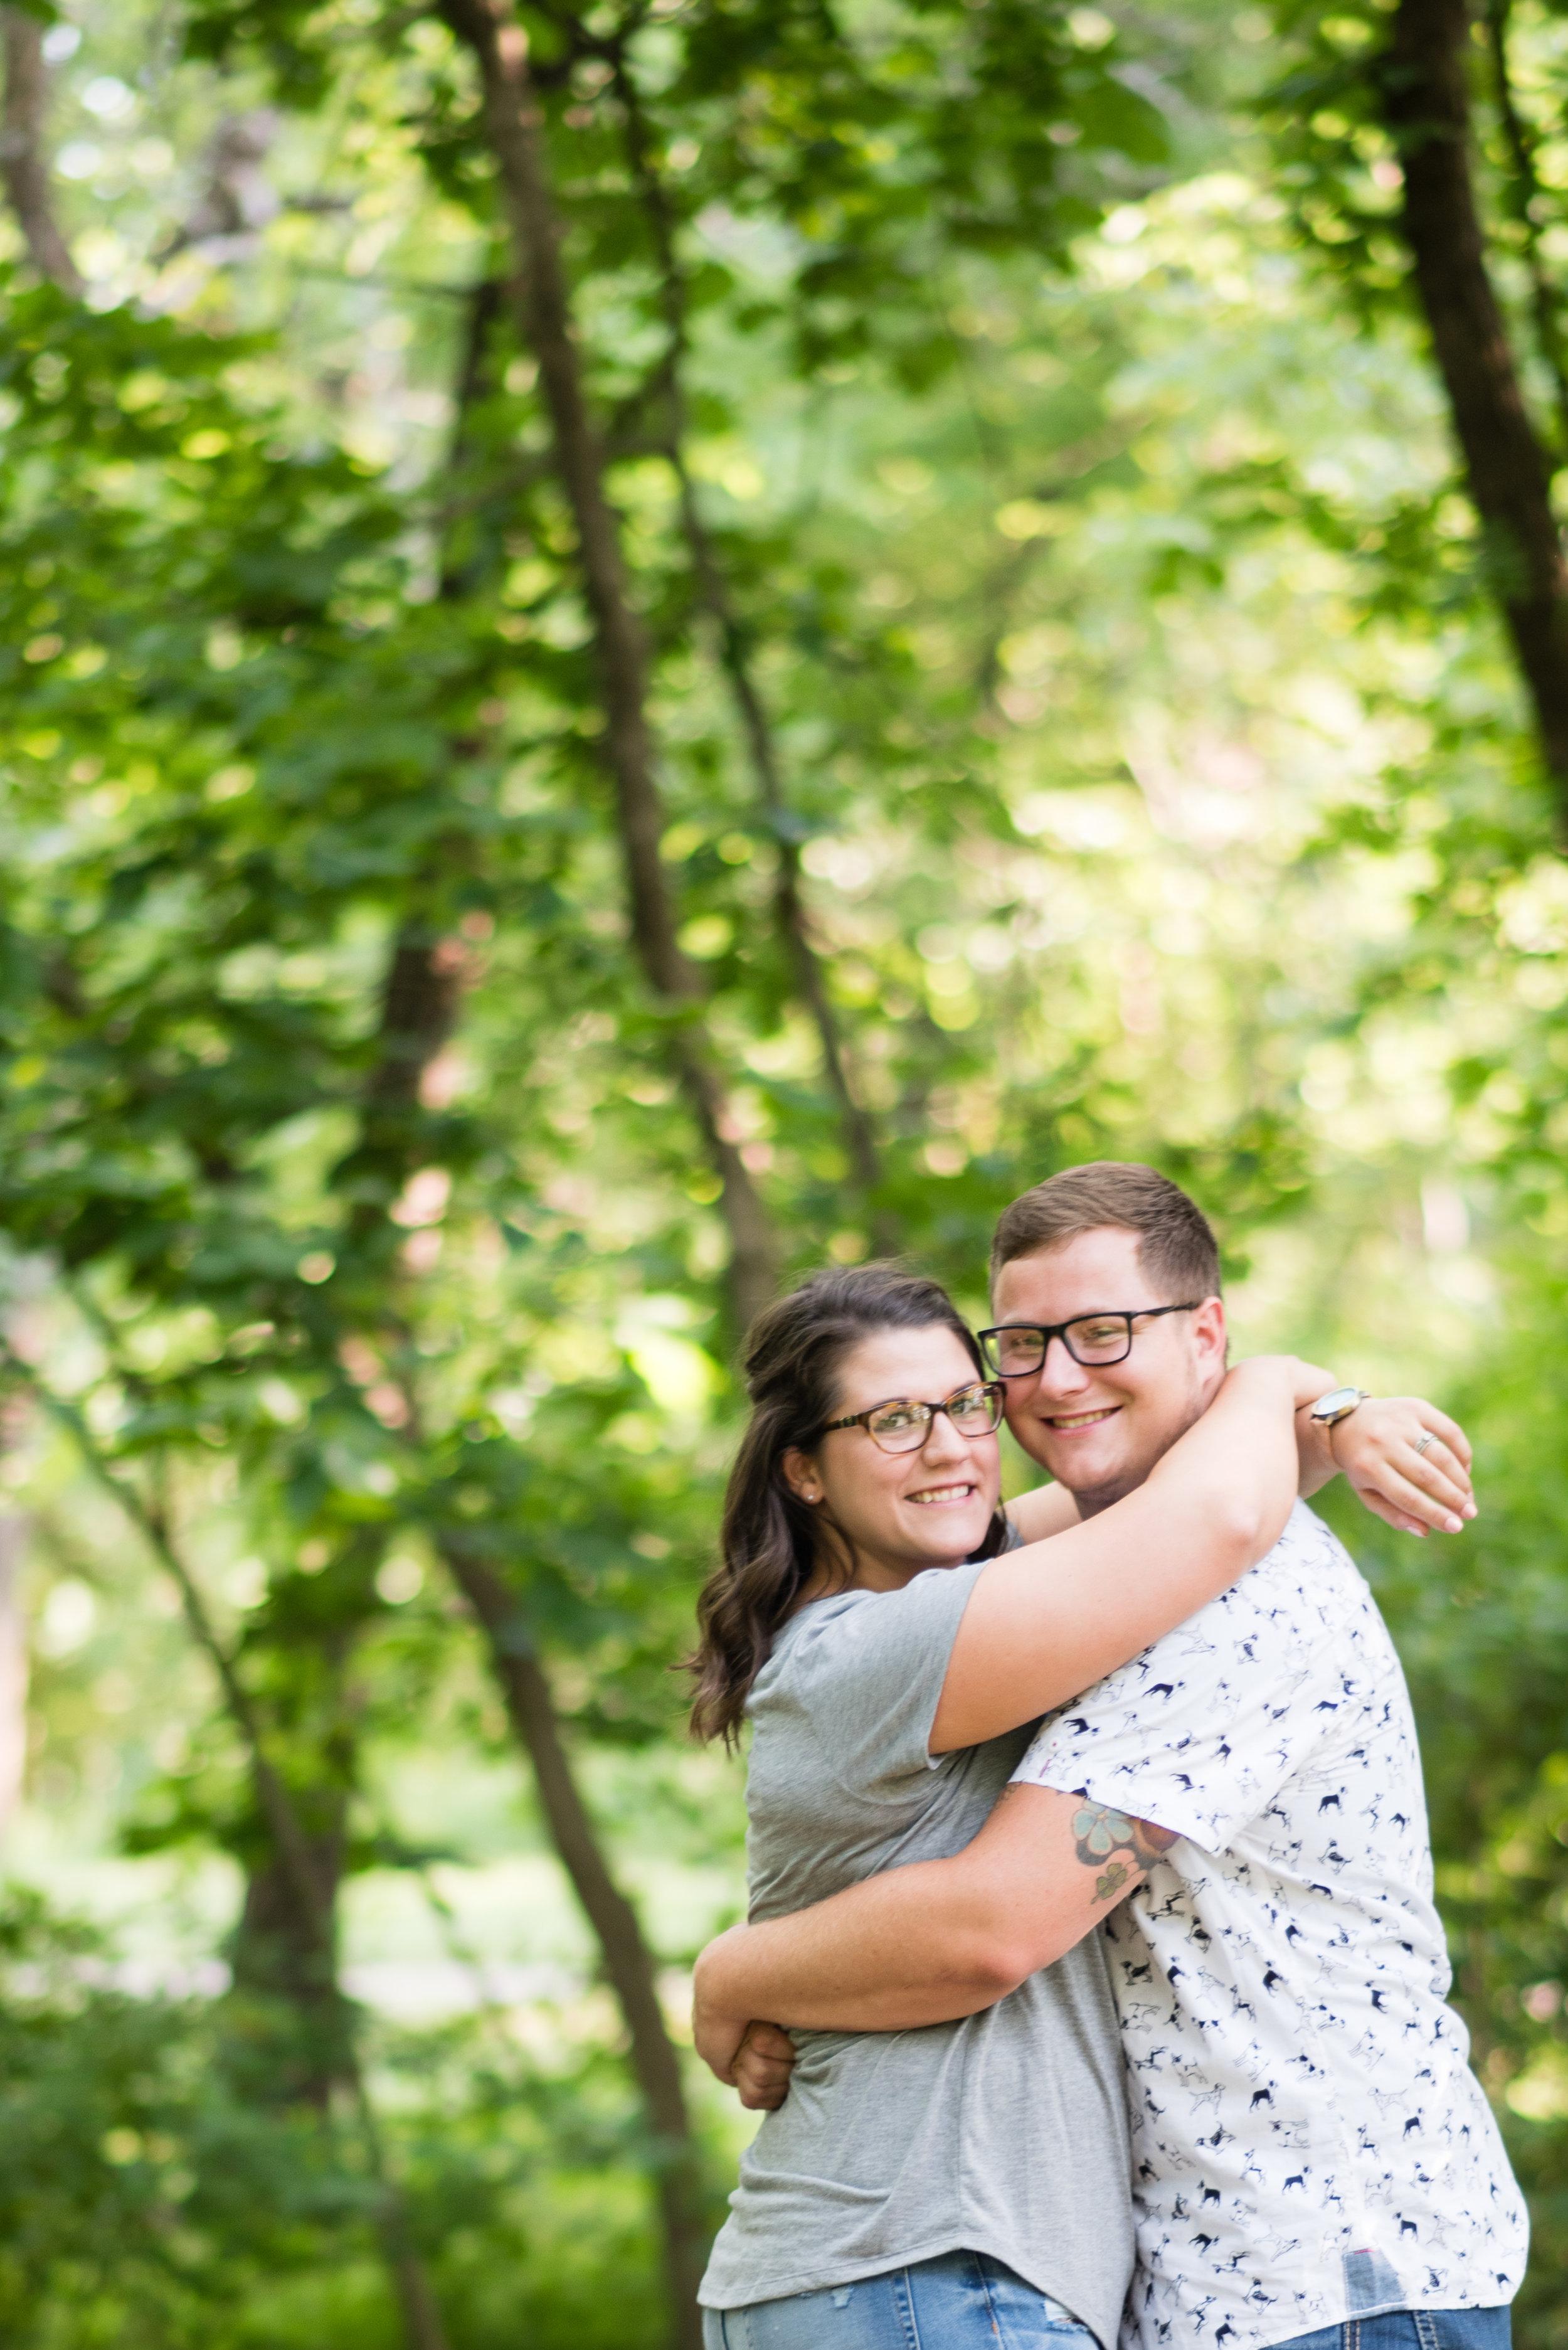 Kyle+Lori-23.jpg